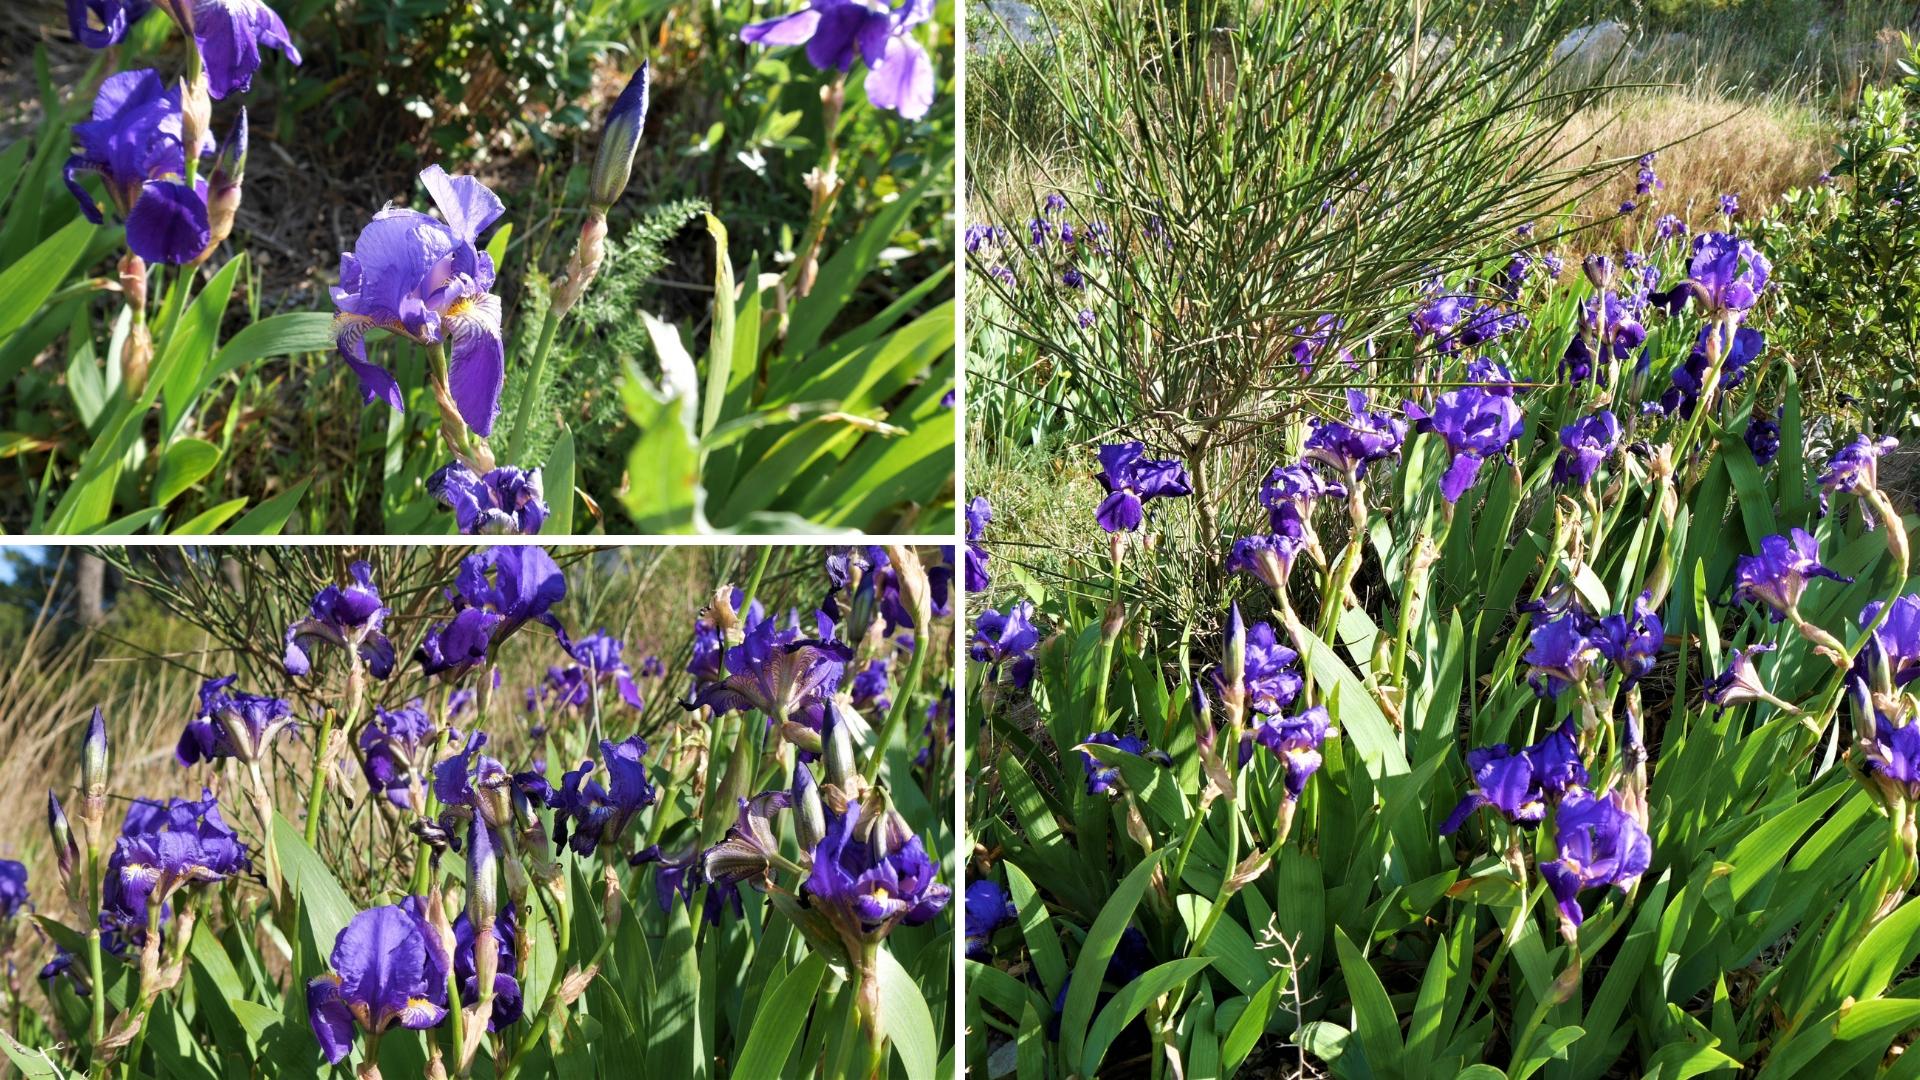 baux de provence iris fleurs Van Gogh printemps blog voyage france arpenter le chemin